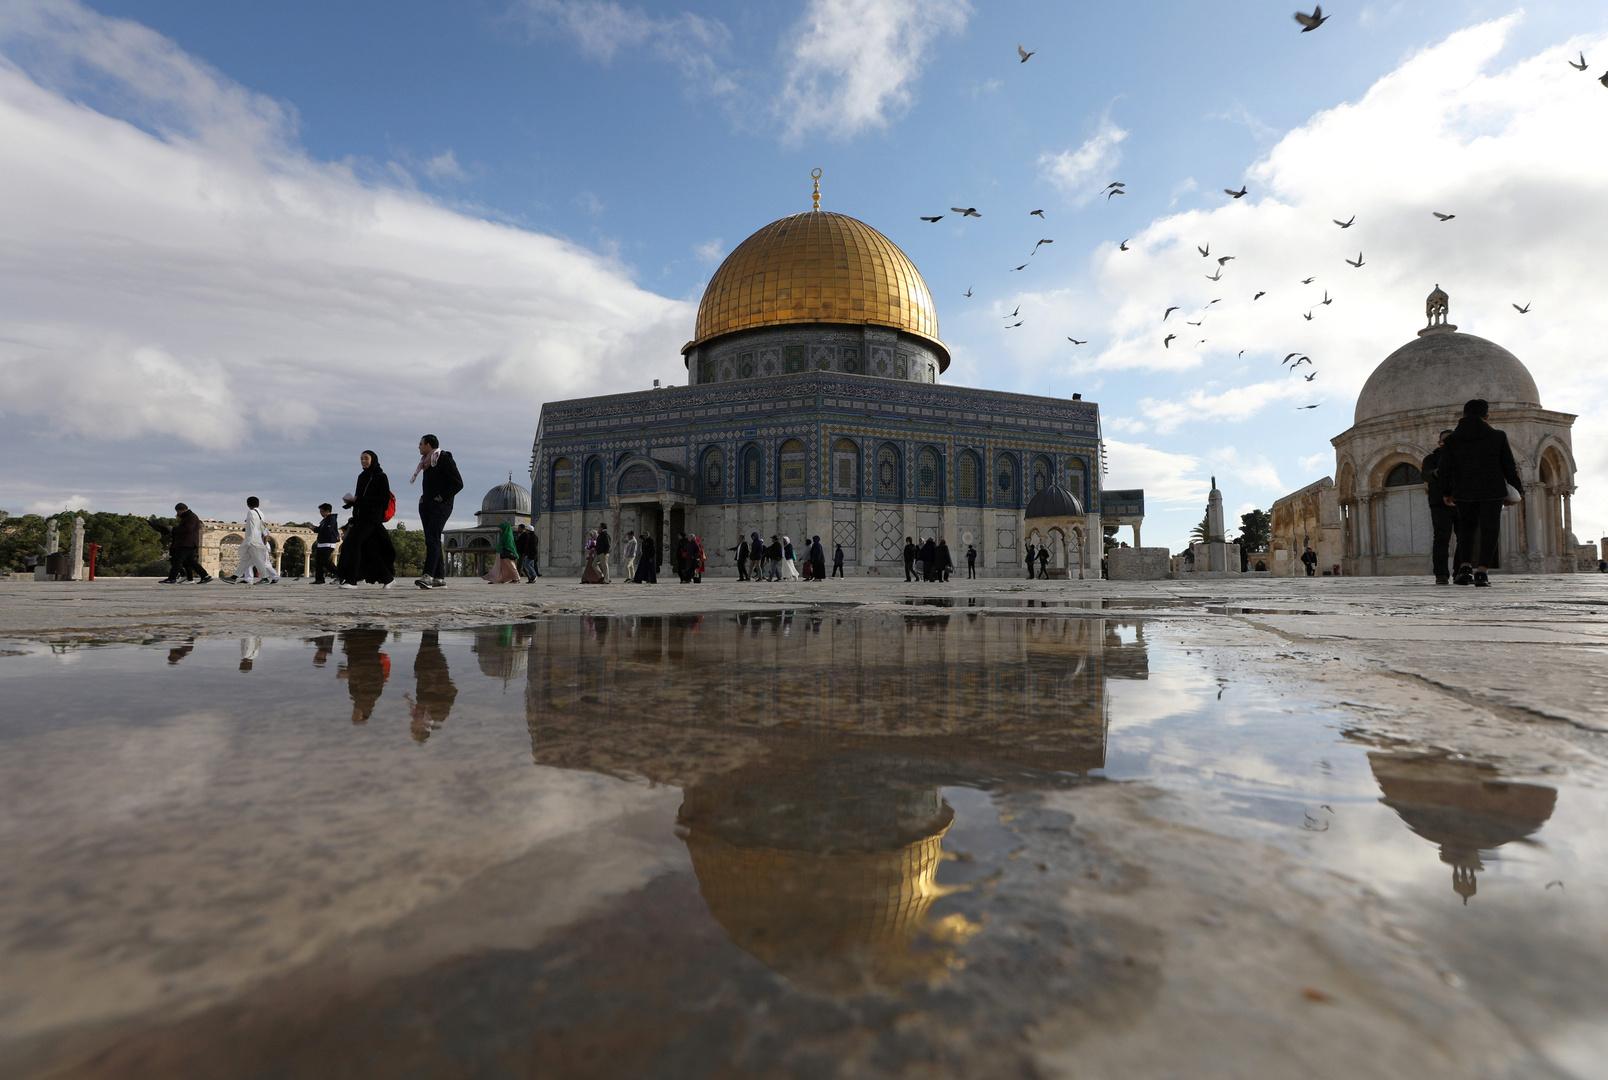 فلسطين.. الأقصى يفتح أبوابه الأحد المقبل